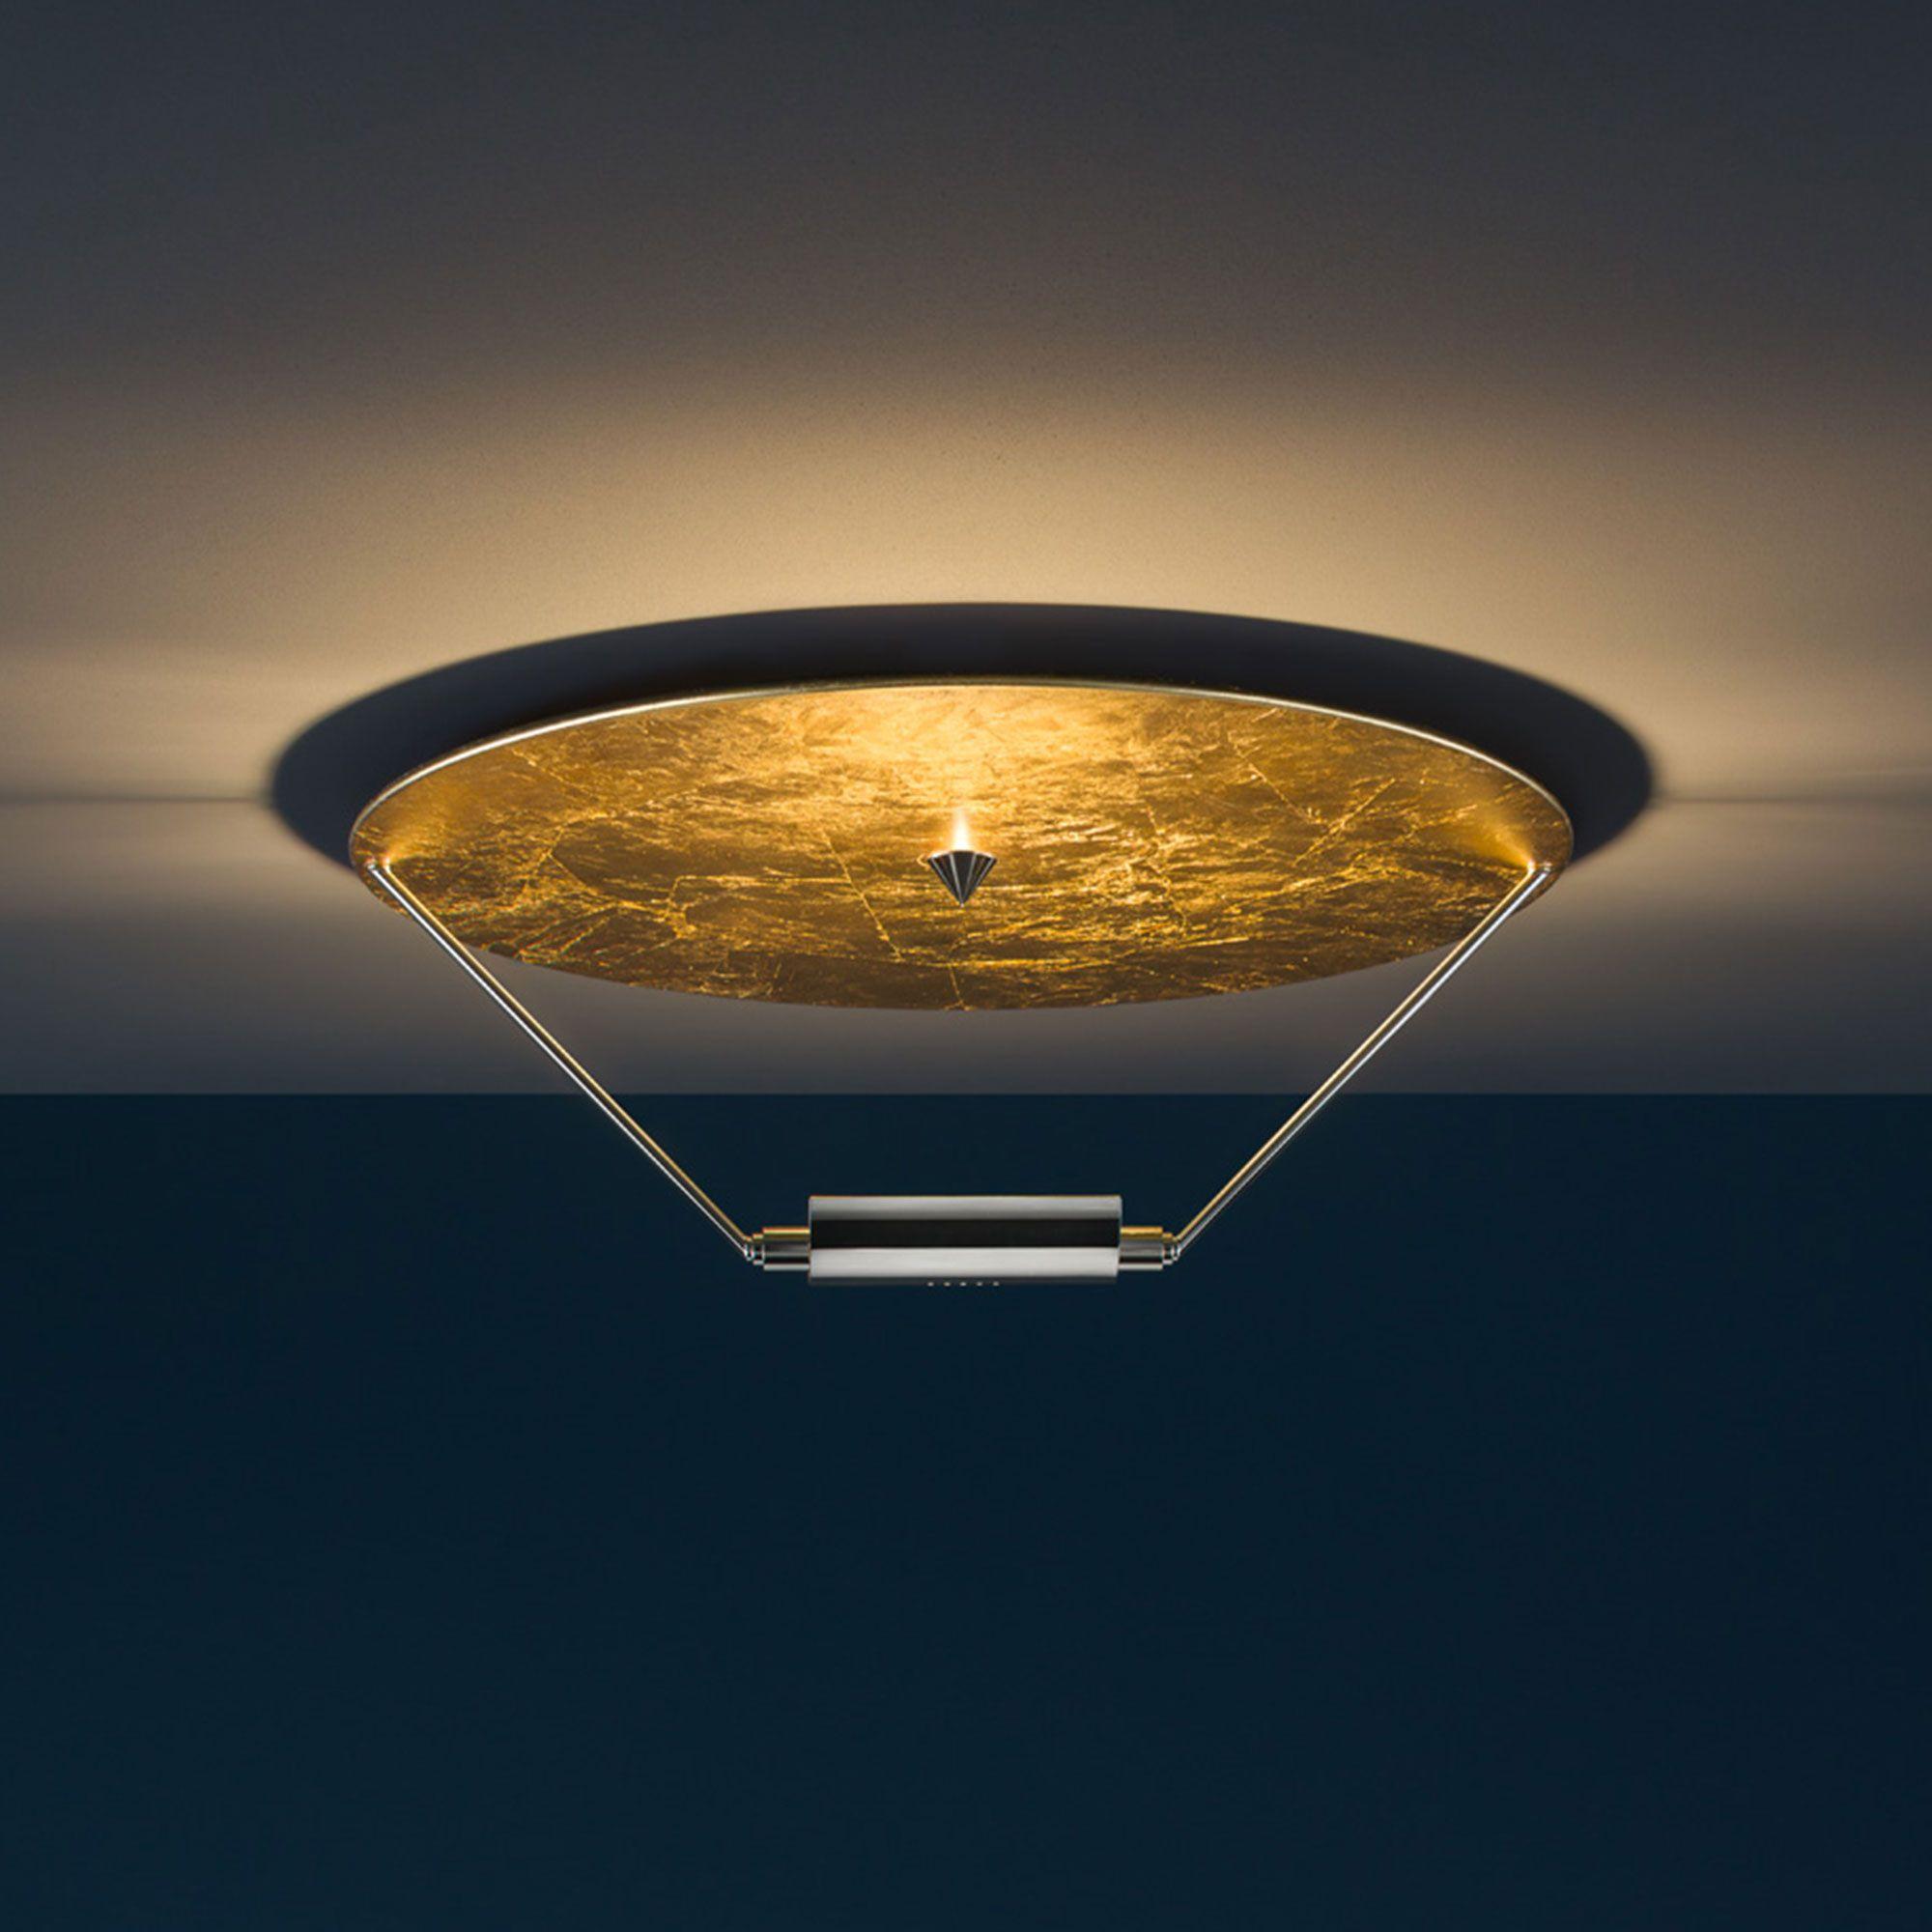 Kop Disco Fran Catellani Smith Nordiska Galleriet 5600kr Lichteffekte Licht